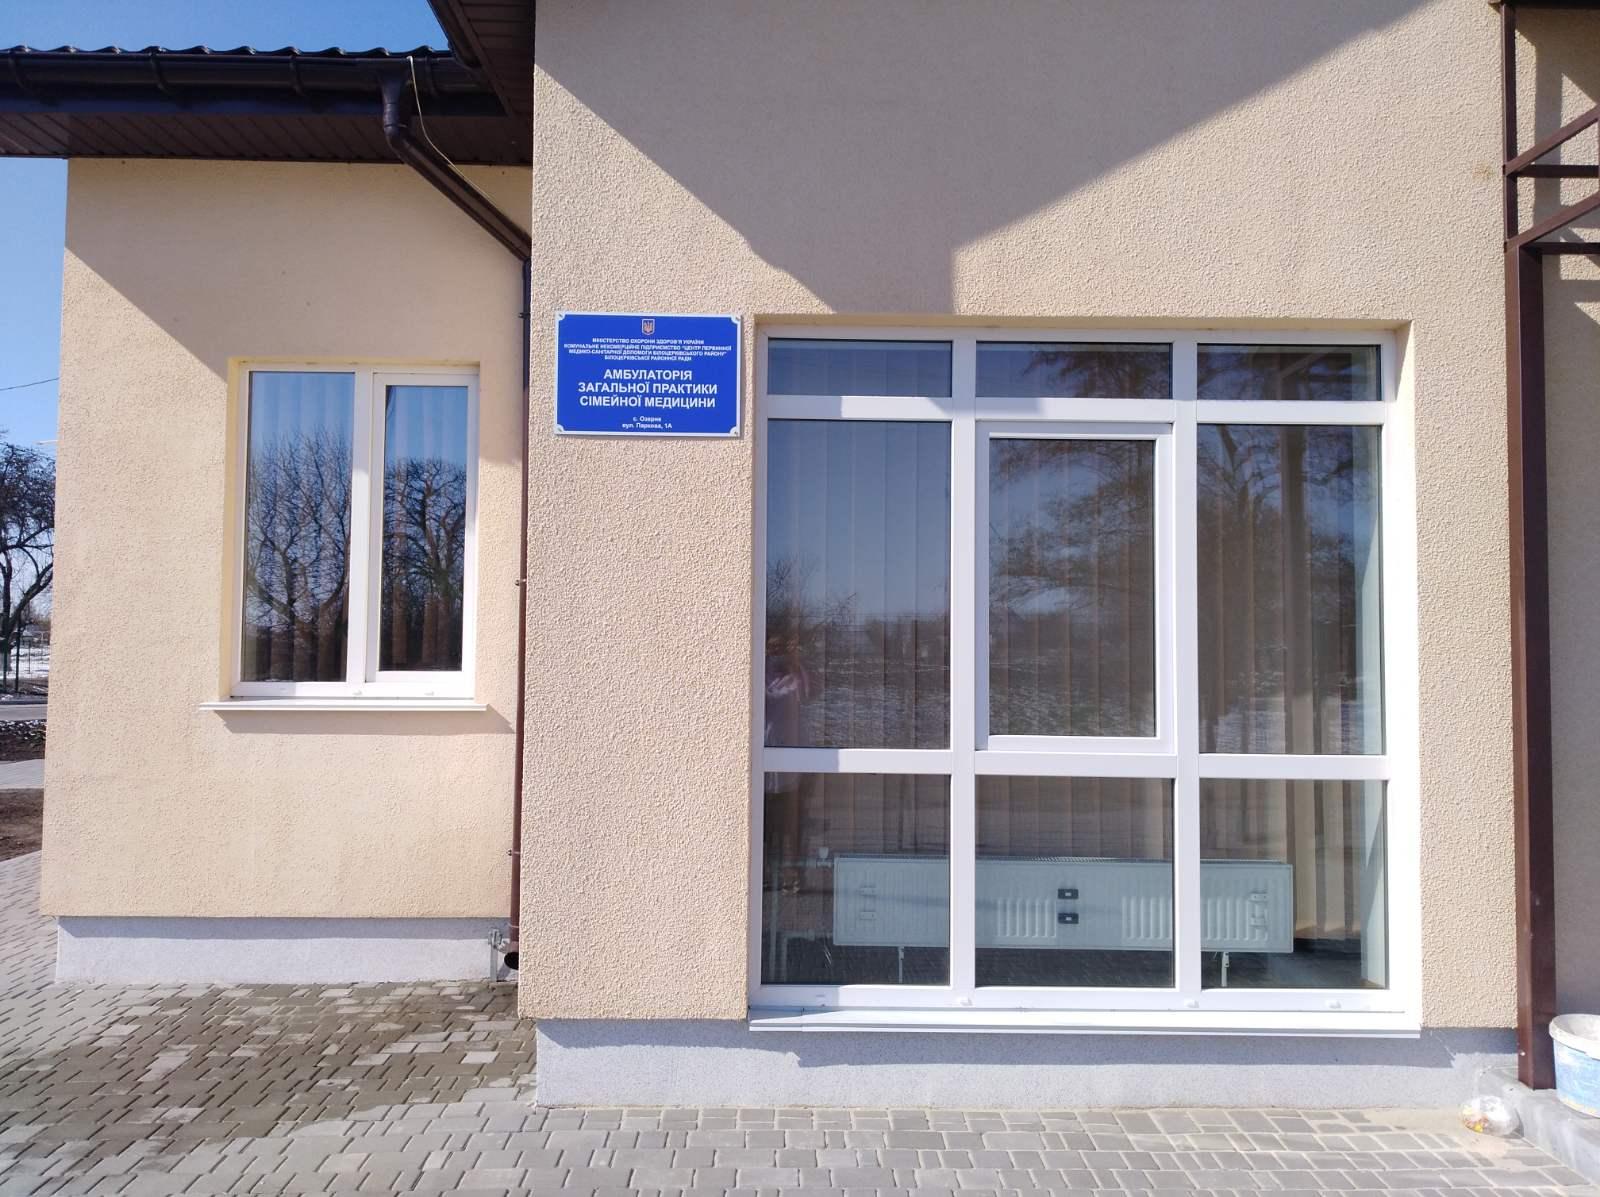 У Білоцерківському районі відкрили нову медамбулаторію - Білоцерківщина - 90876551 141849794006818 2283855263444238336 o